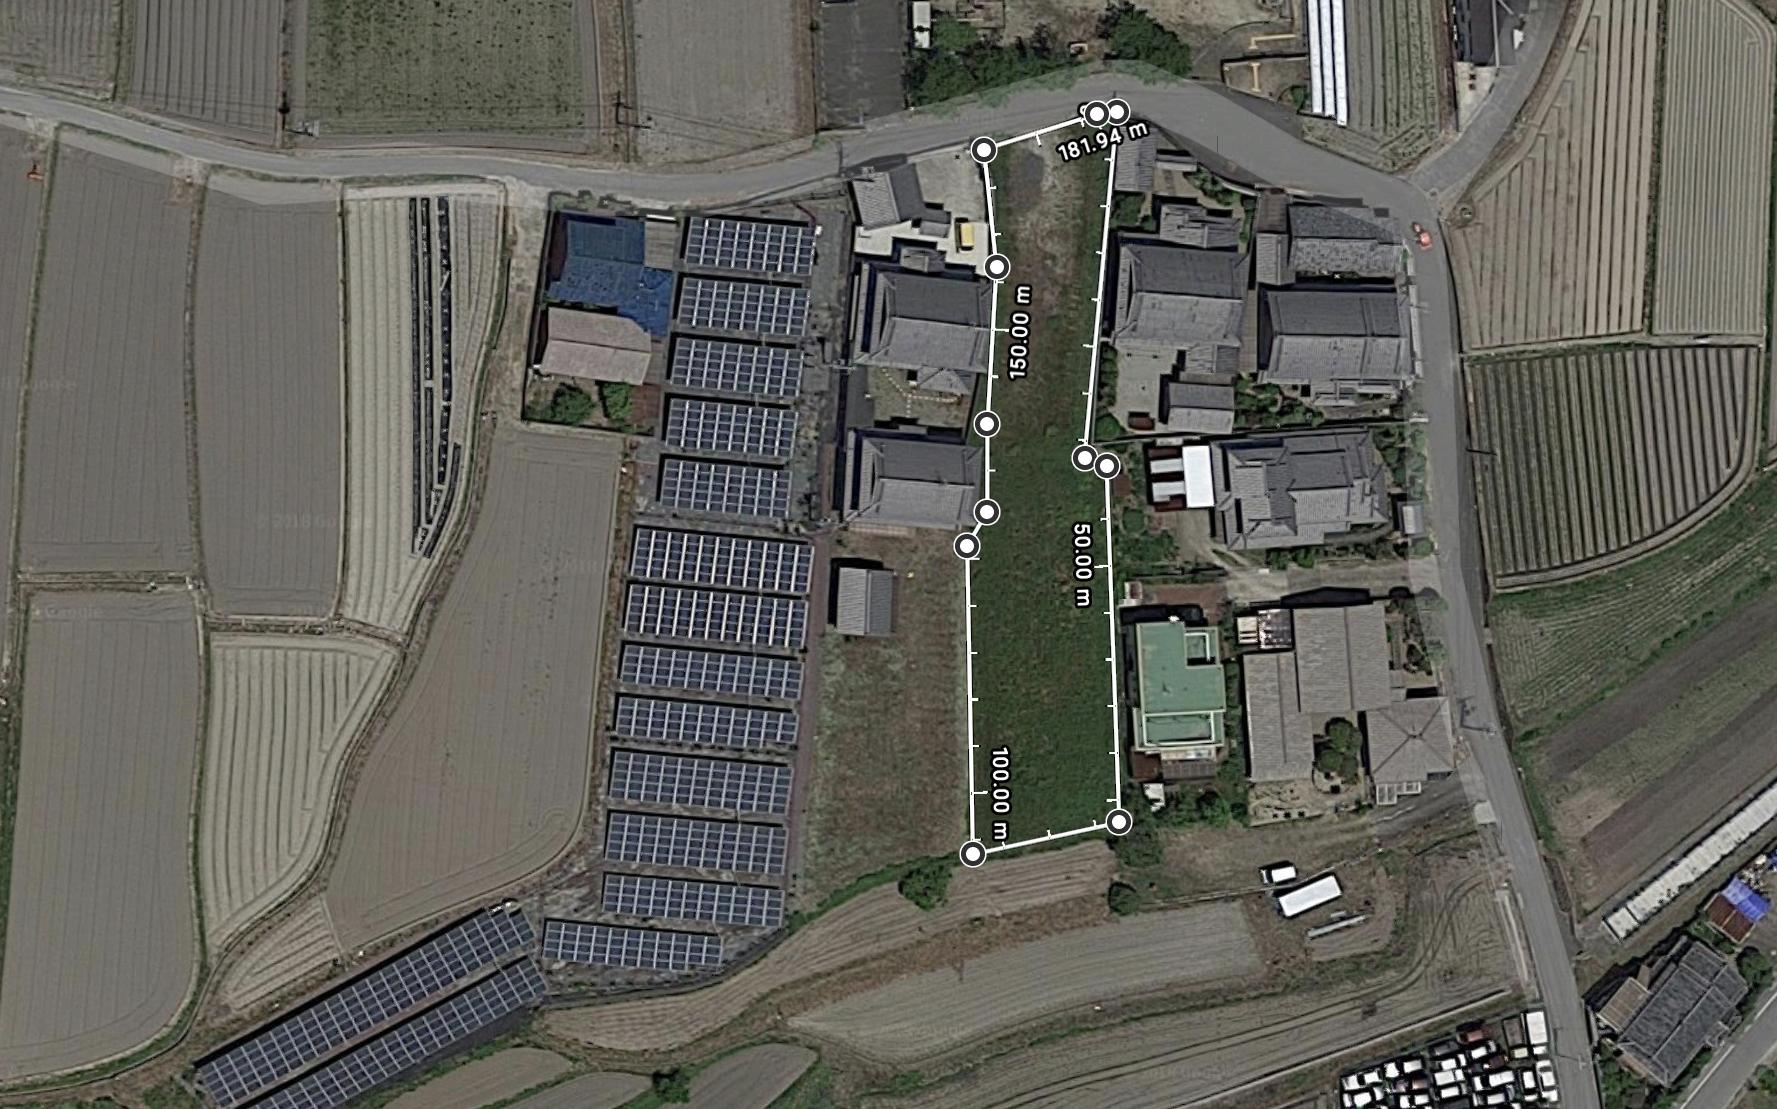 【FLO】FIT21円 奈良県御所市太陽光発電所のメイン画像